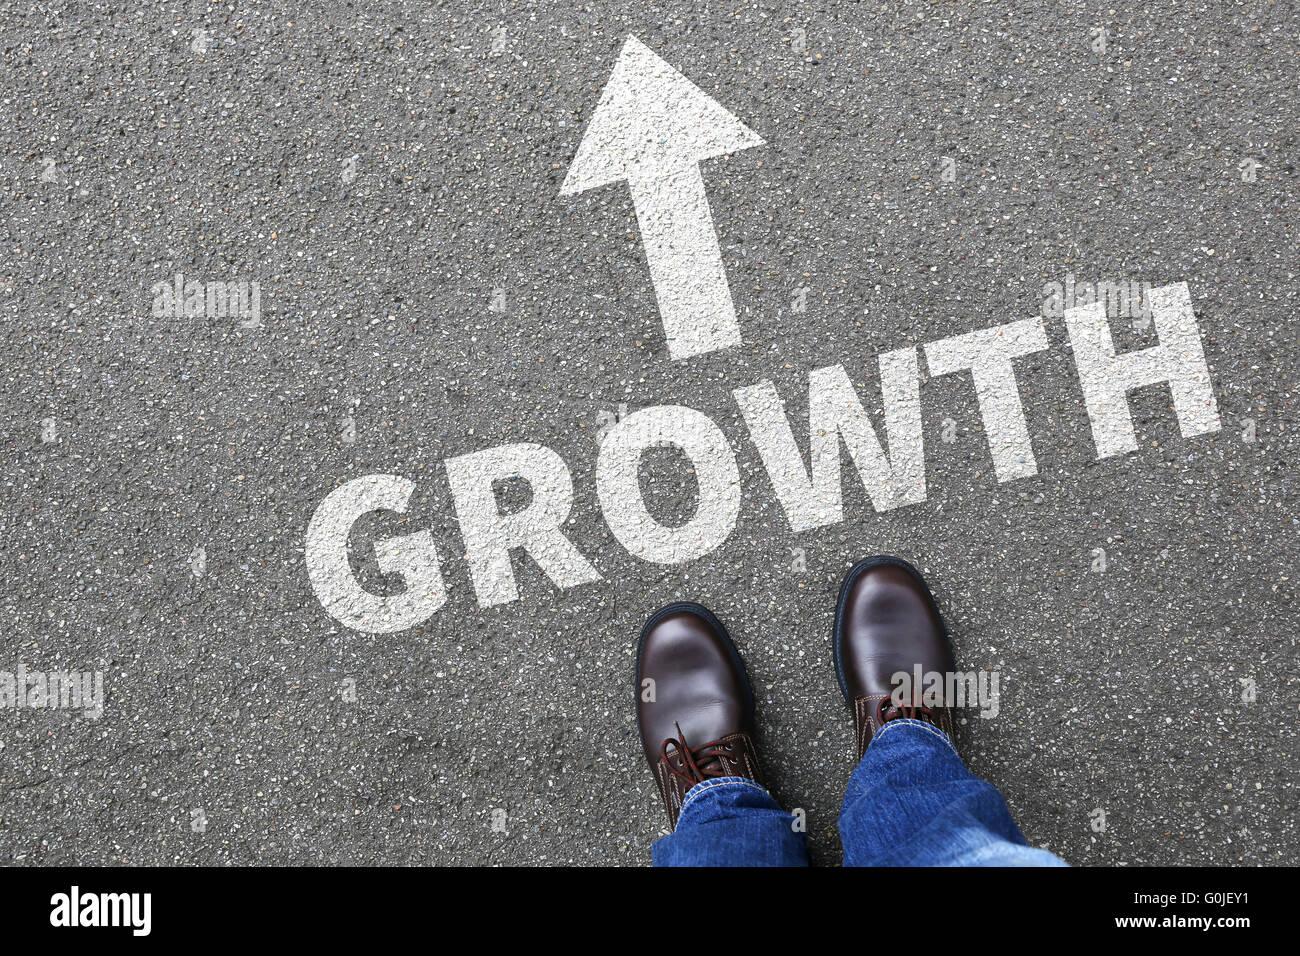 Geschäftsmann Mann Geschäftskonzept mit wachsenden Erfolg erfolgreich Finanzen Wachstum Stockbild